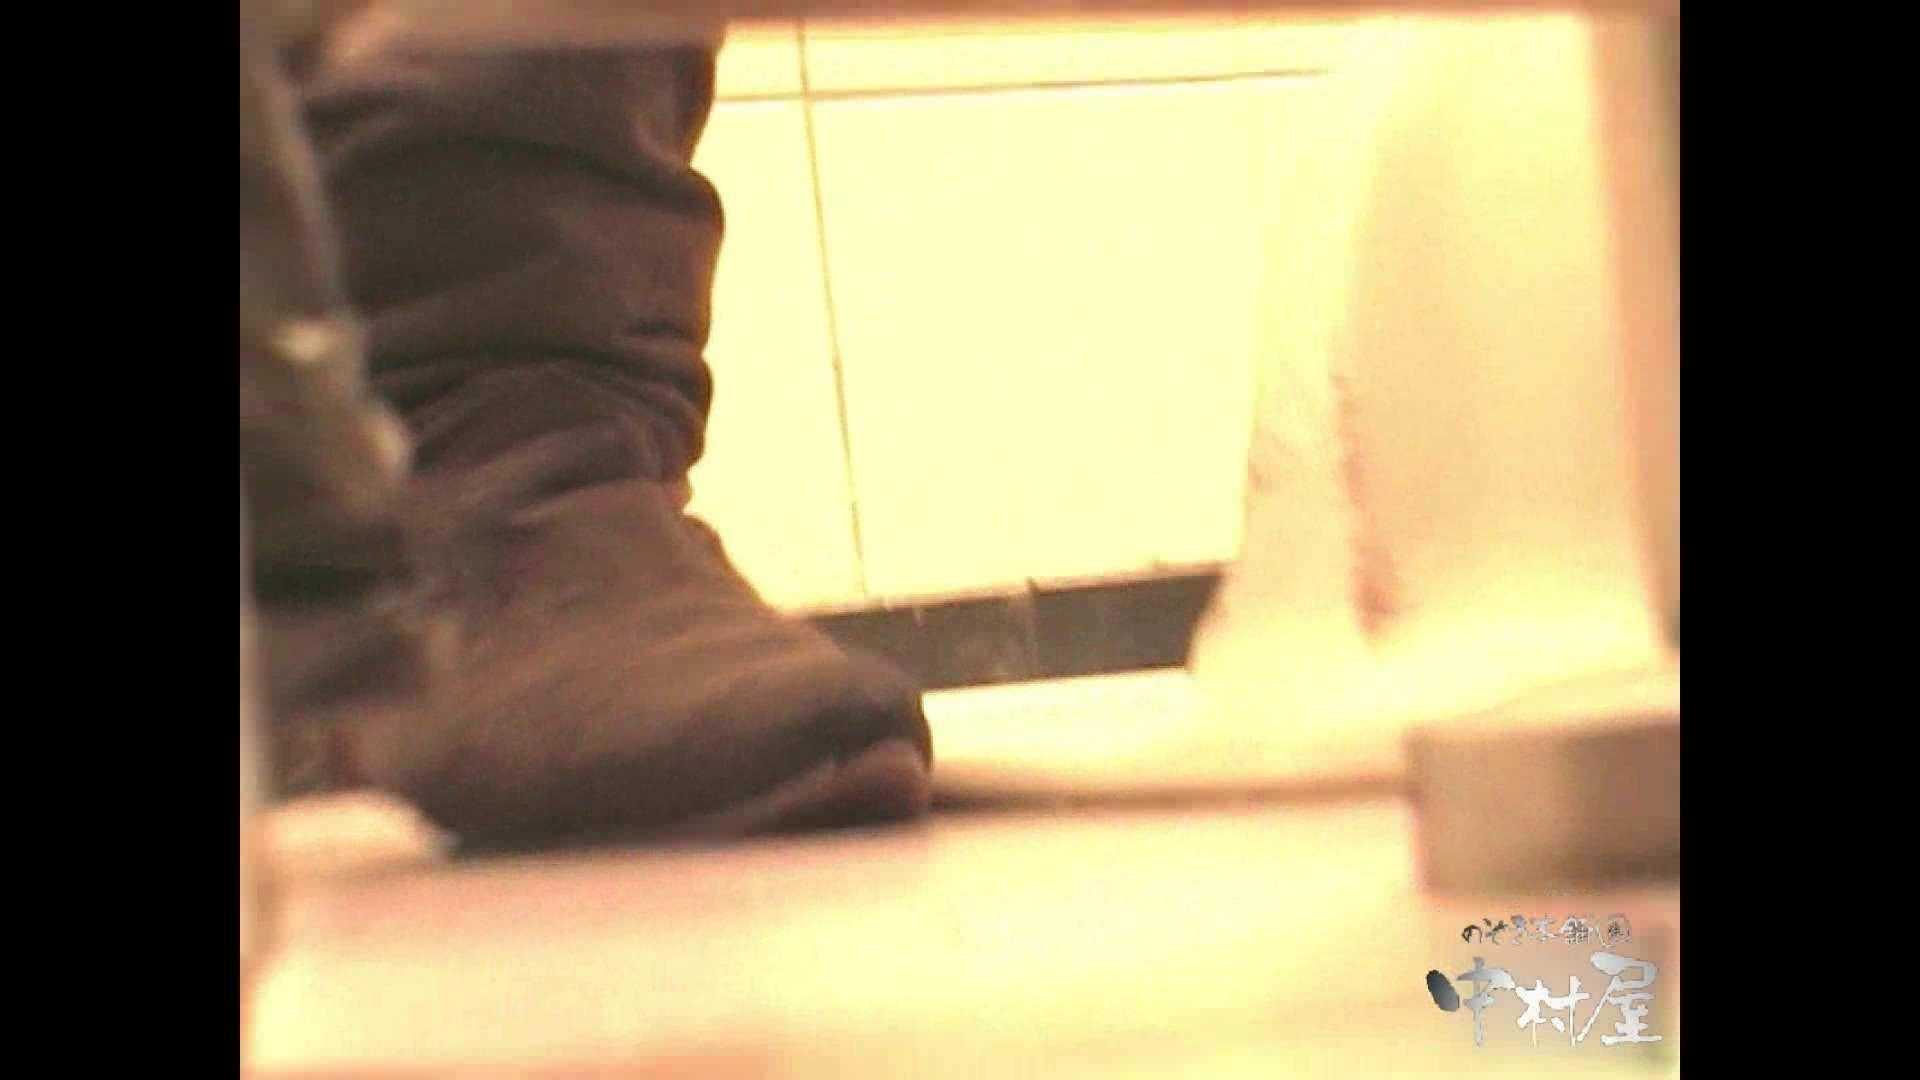 岩手県在住盗撮師盗撮記録vol.02 排泄編 オマンコ動画キャプチャ 108PIX 83